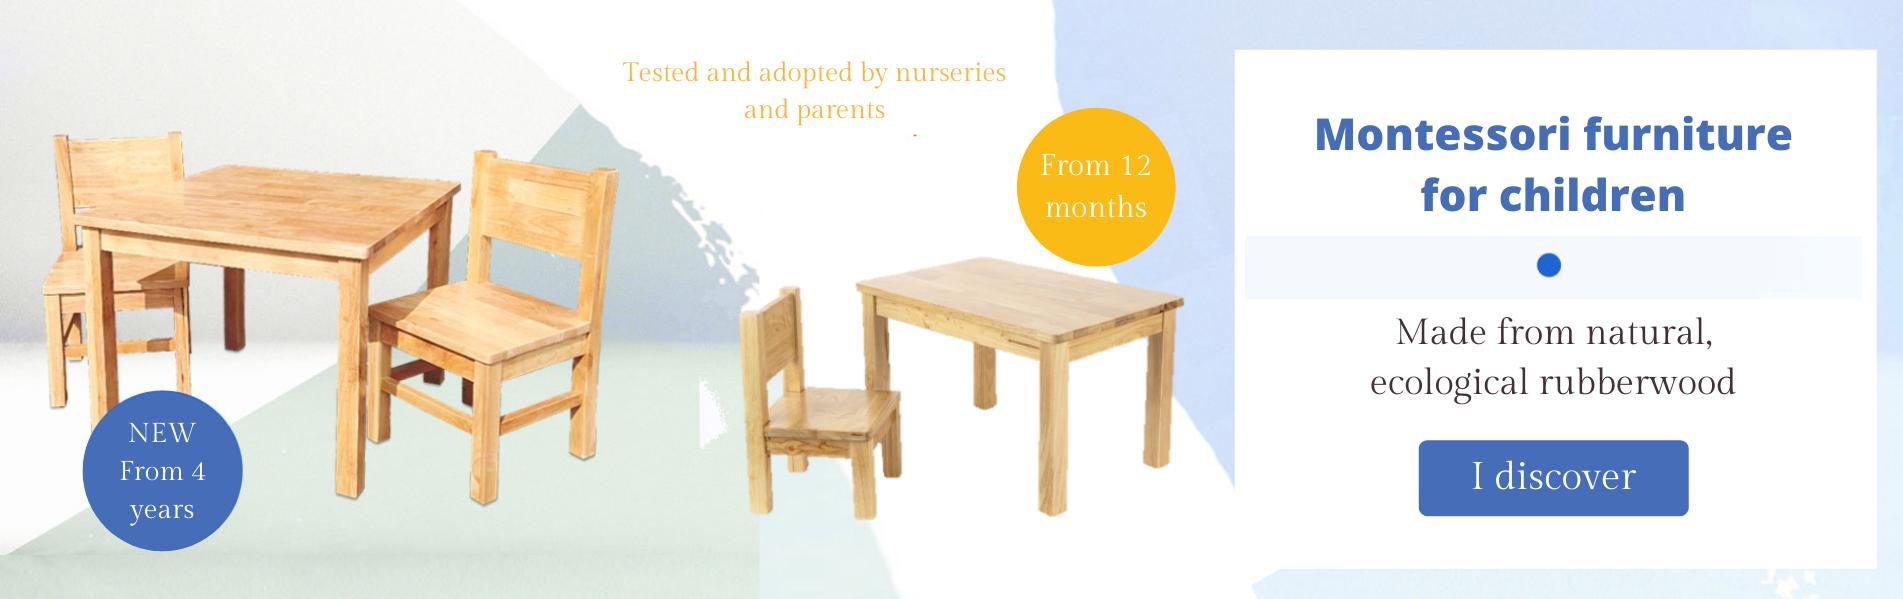 Mobilier Montessori pour enfants